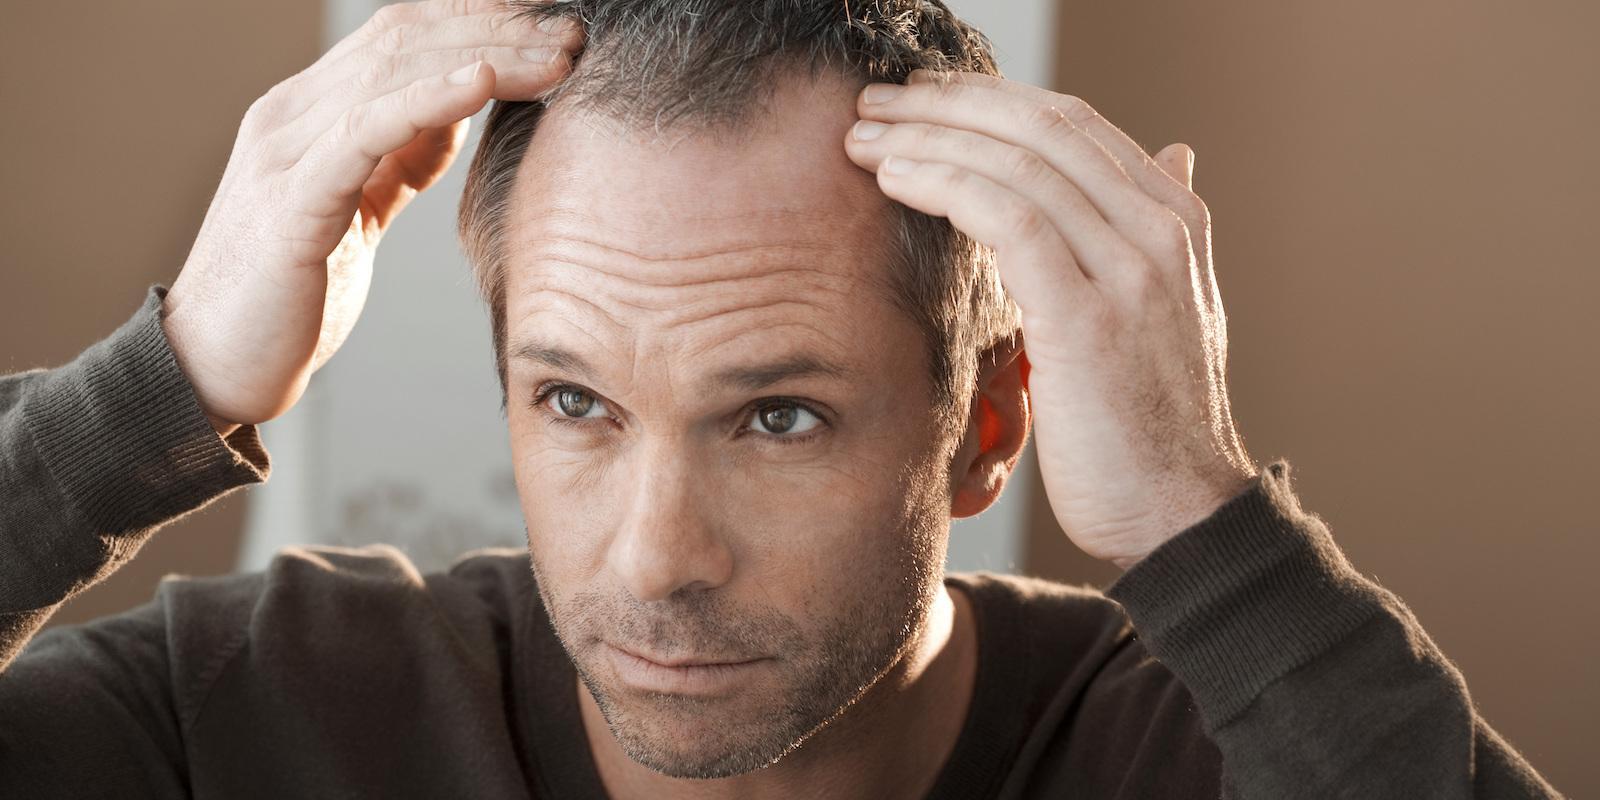 Alopecie neboli ztráta vlasů u žen a mužů